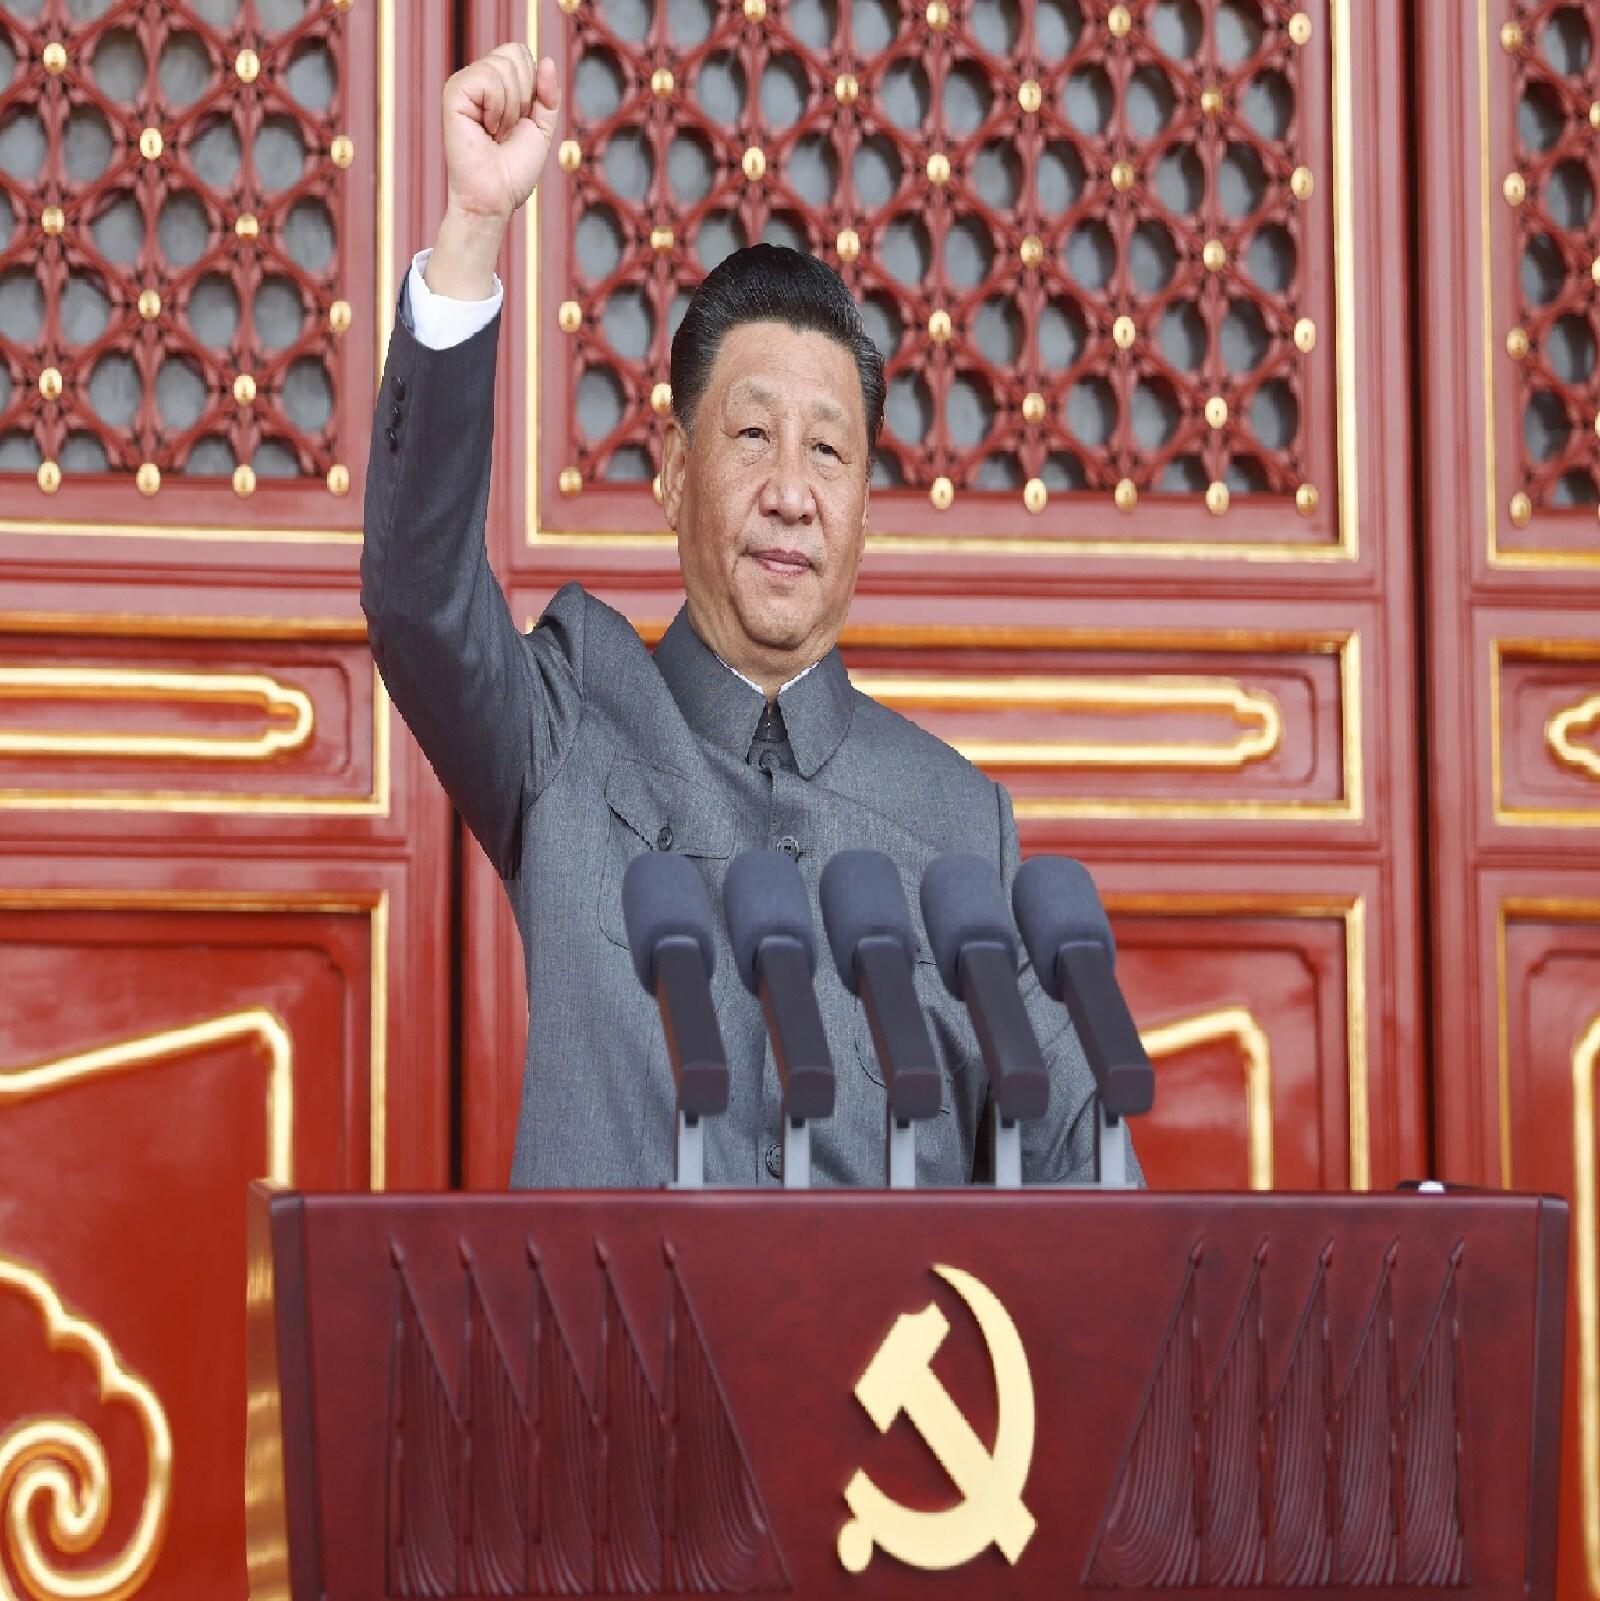 મીડિયા રિપોર્ટ પ્રમાણે ચીનના રાષ્ટ્રપ્રમુખ શી જિનપિંગે છેલ્લા 600 દિવસમાં એક પણ વિદેશ પ્રવાસ નથી કર્યો. અંતે તેઓ 18 જાન્યુઆરી, 2020ના રોજ મ્યાનમારના પ્રવાસે ગયા હતા. જે બાદમાં તેઓ દેશ બહાર નથી ગયા. જોકે, તાજેતરમાં તેઓ તિબેટ પહોંચ્યા હતા, જે કોઈ ચીની રાષ્ટ્રપ્રમુખનો પ્રથમ તિબેટ પ્રવાસ હતો. ચીન તિબેટ પર પોતાનો દાવો કરી રહ્યું હોવાથી તેને વિદેશ યાત્રા ન ગણી શકાય.